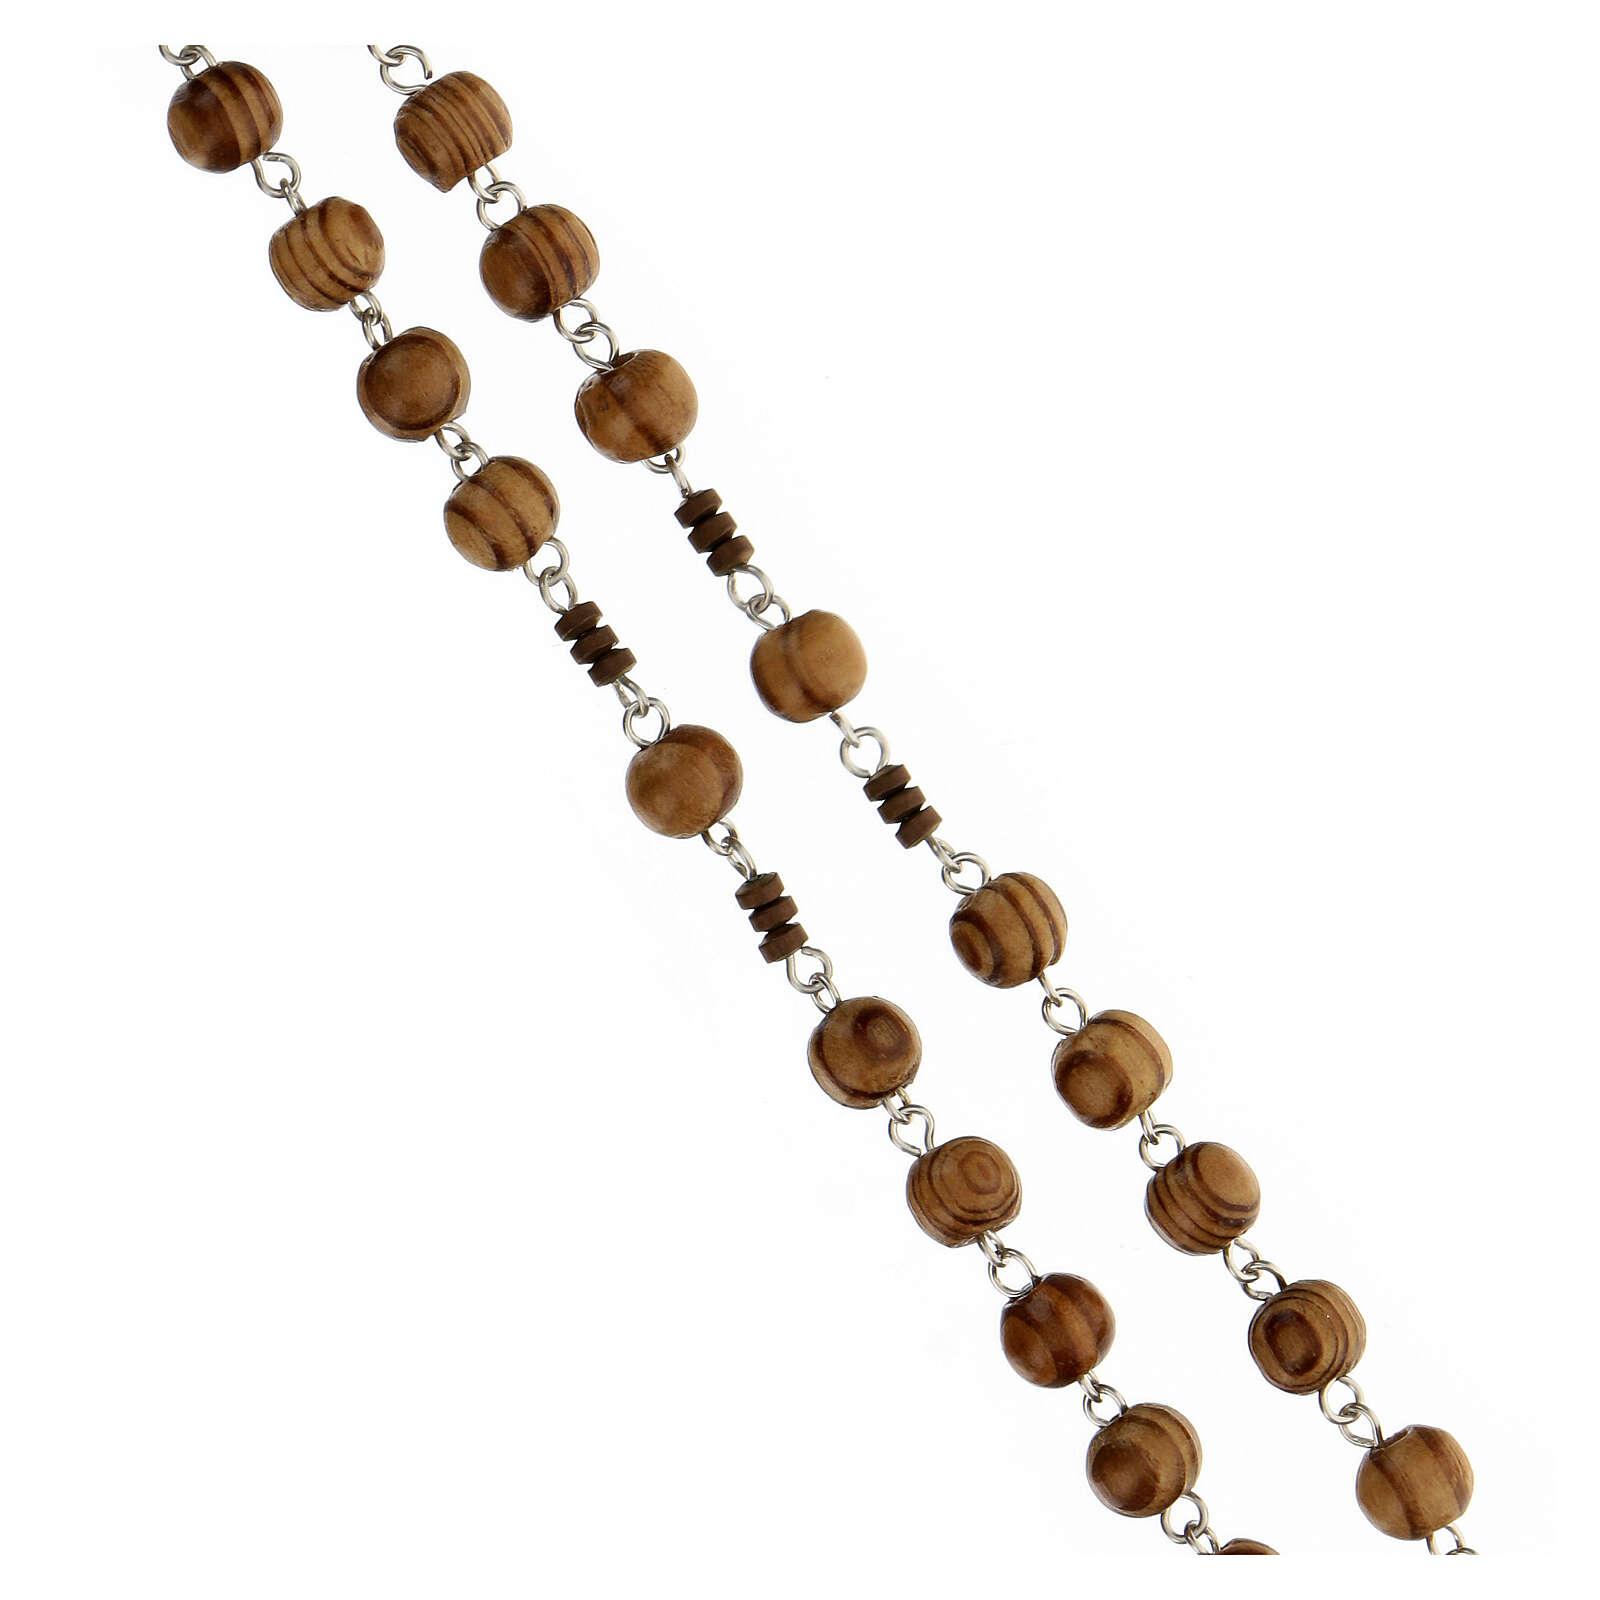 Chapelet grains bois tacheté 6 mm pater hématite marron argent 925 4